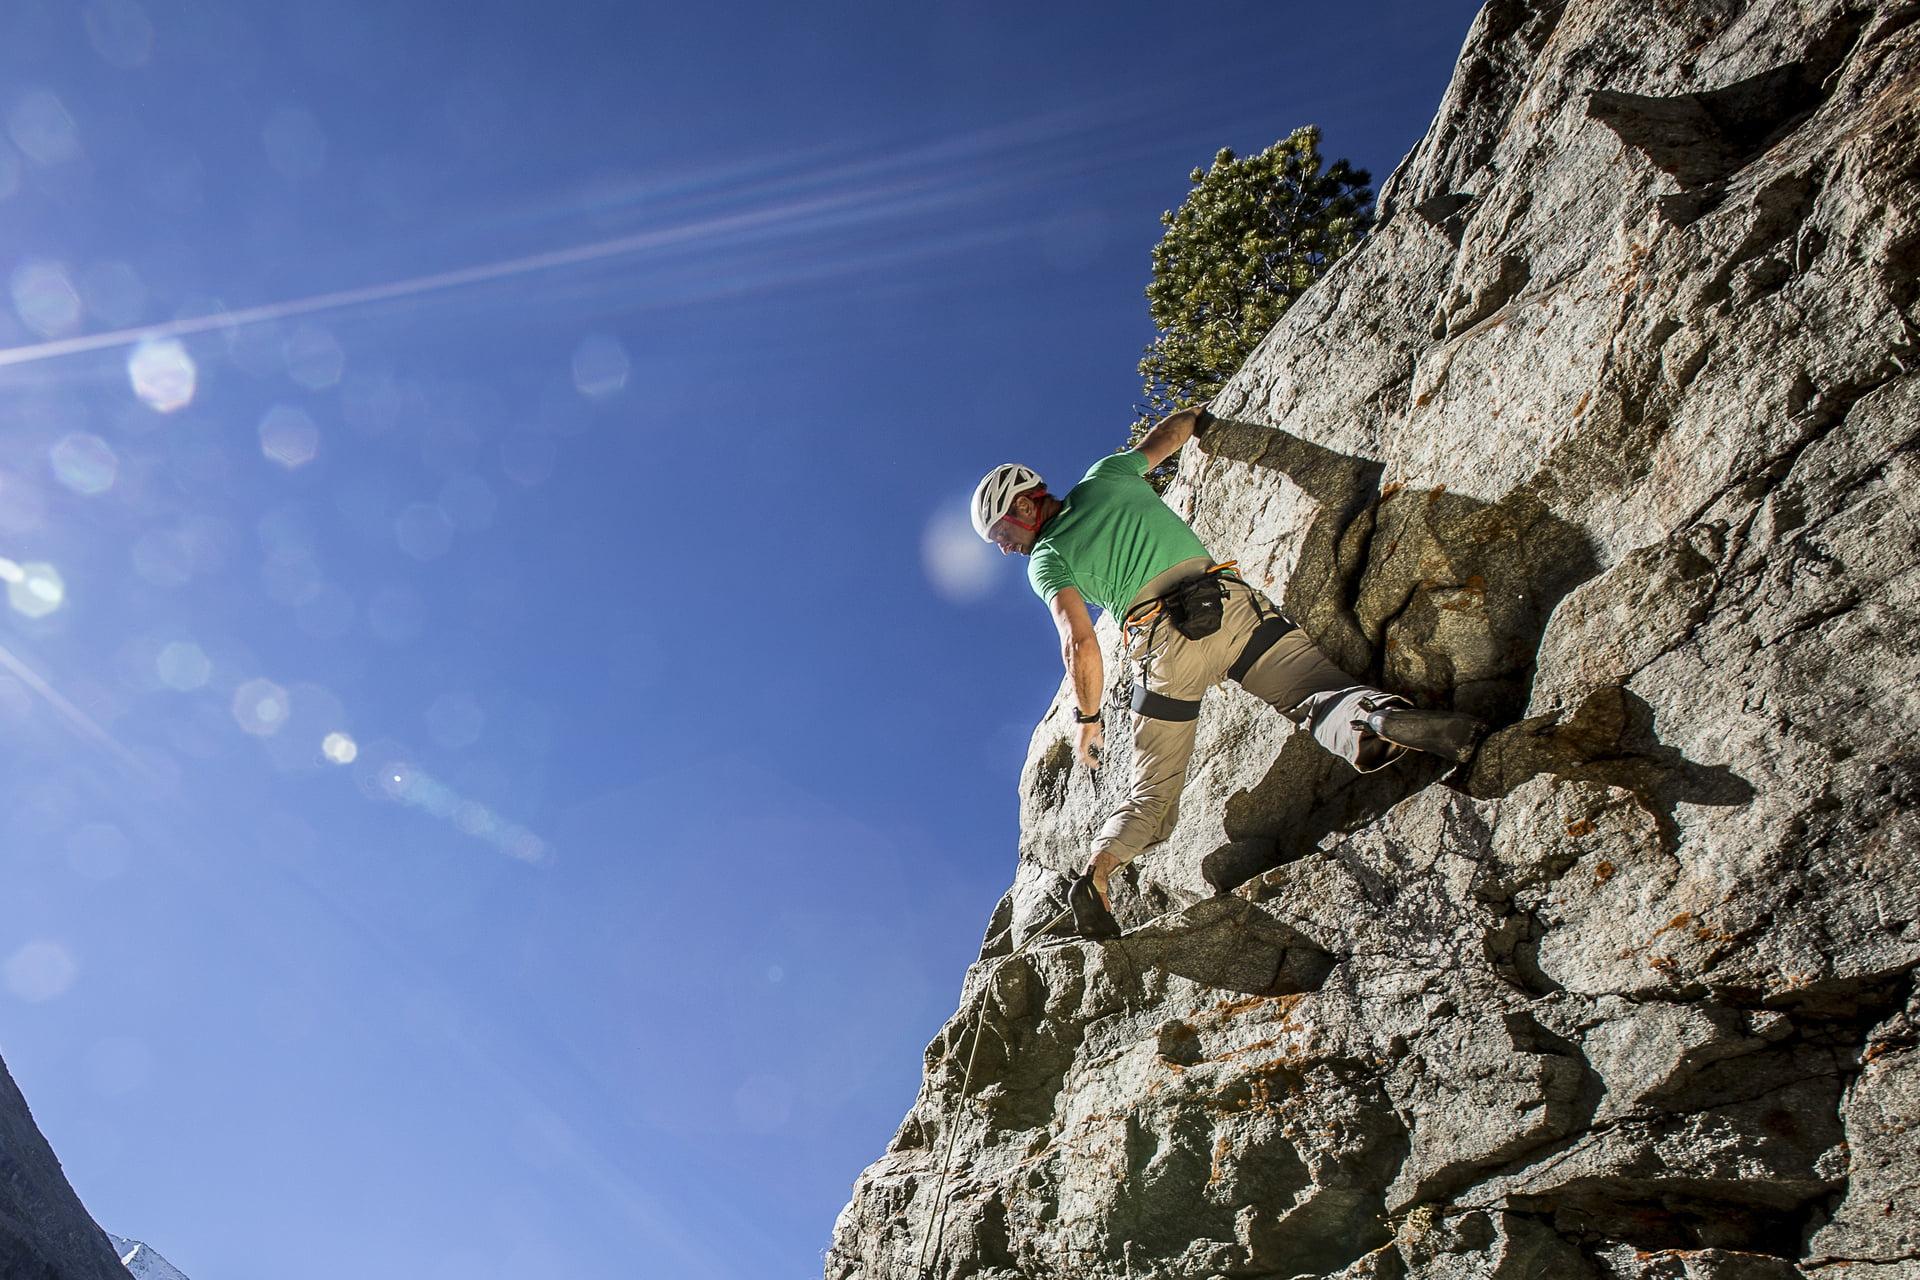 Klettersteig Pontresina : Klettern in pontresina sommer engadin st moritz